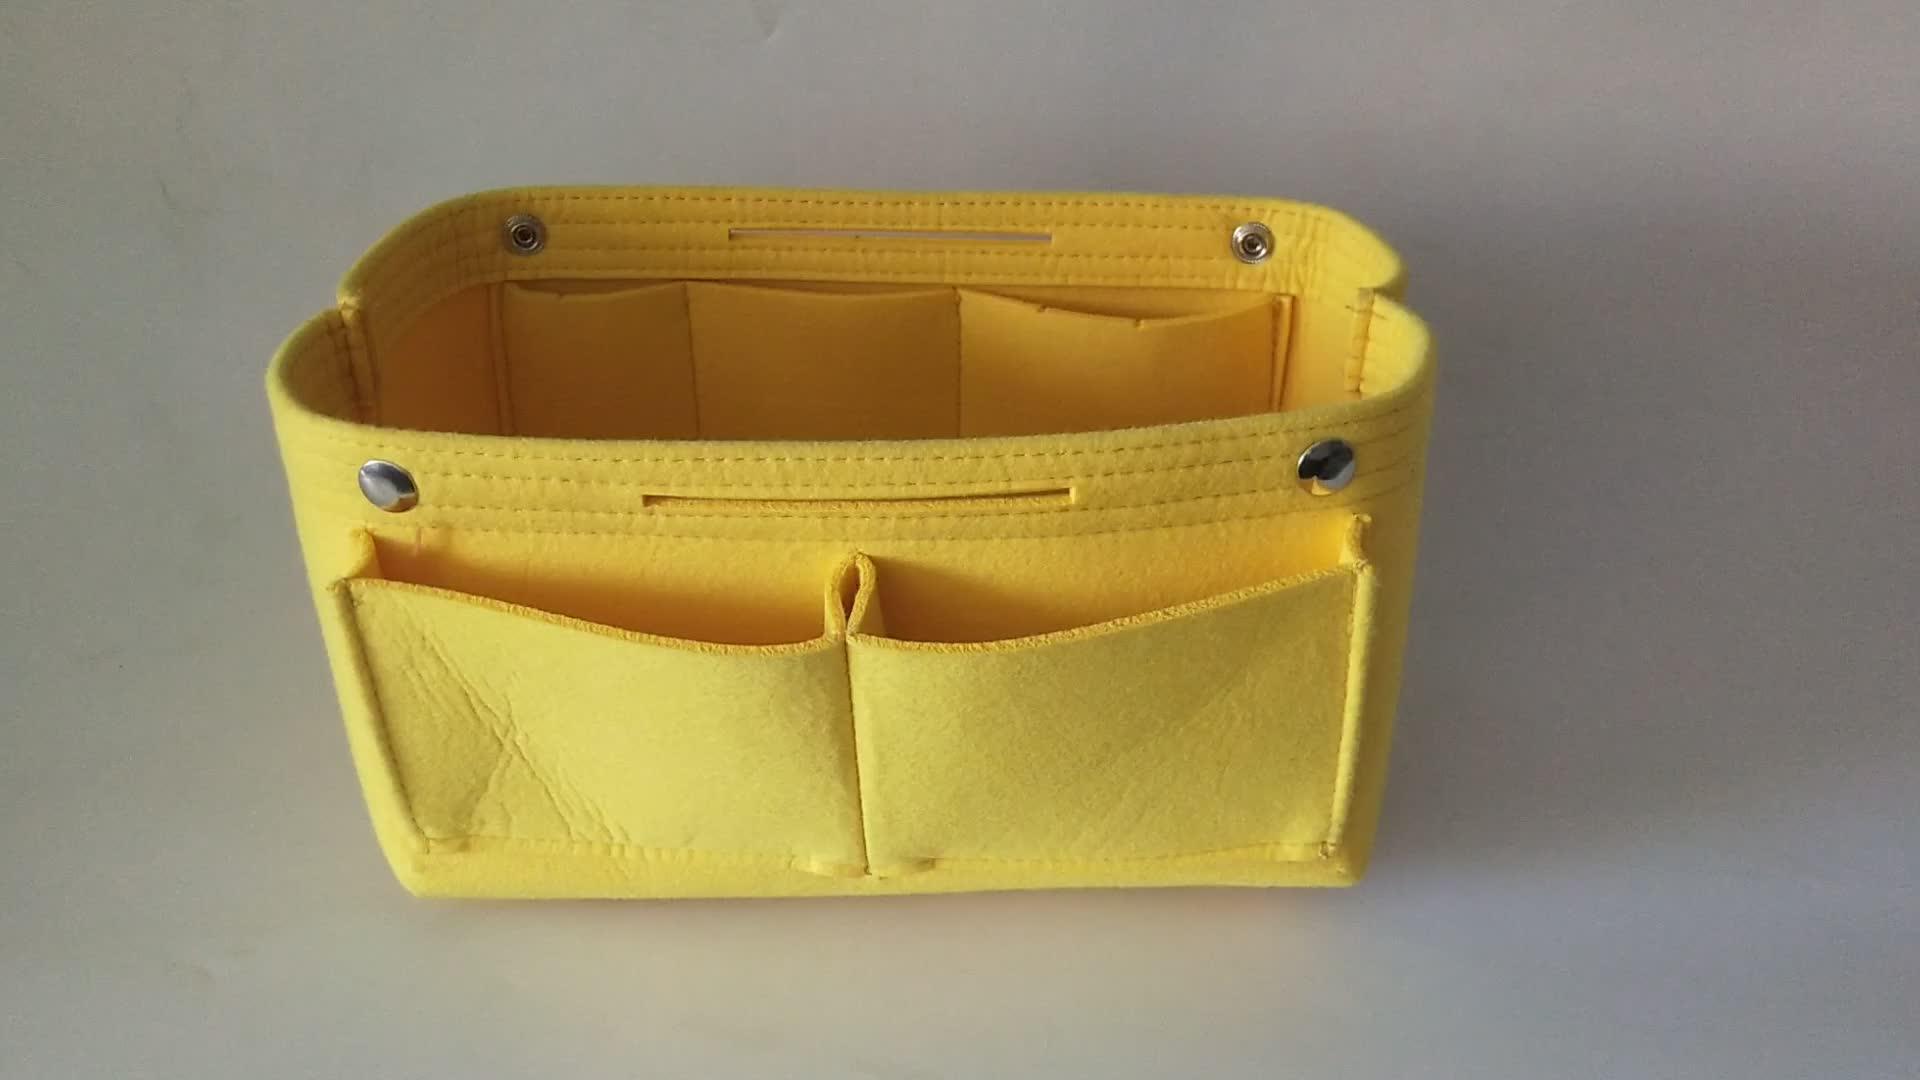 cheap felt purse handbag organizer for tote bag